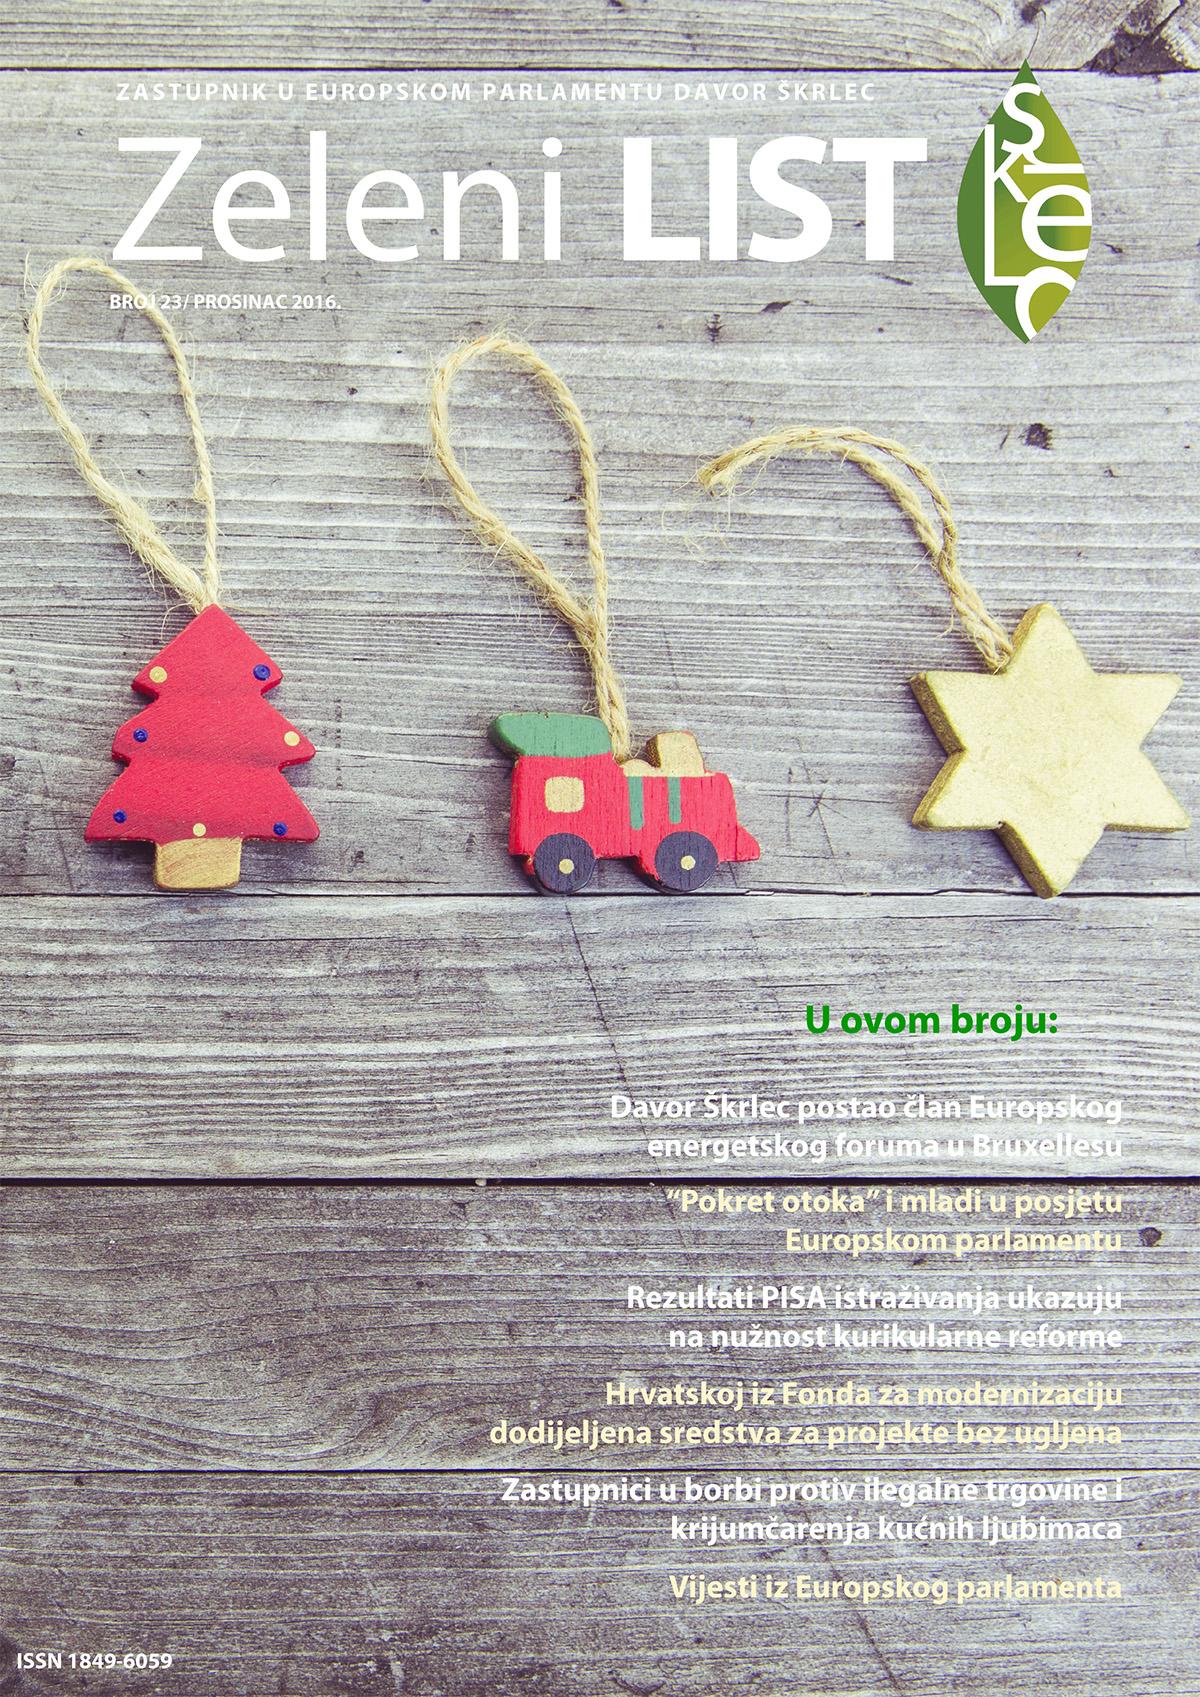 Zeleni list - prosinac 2016